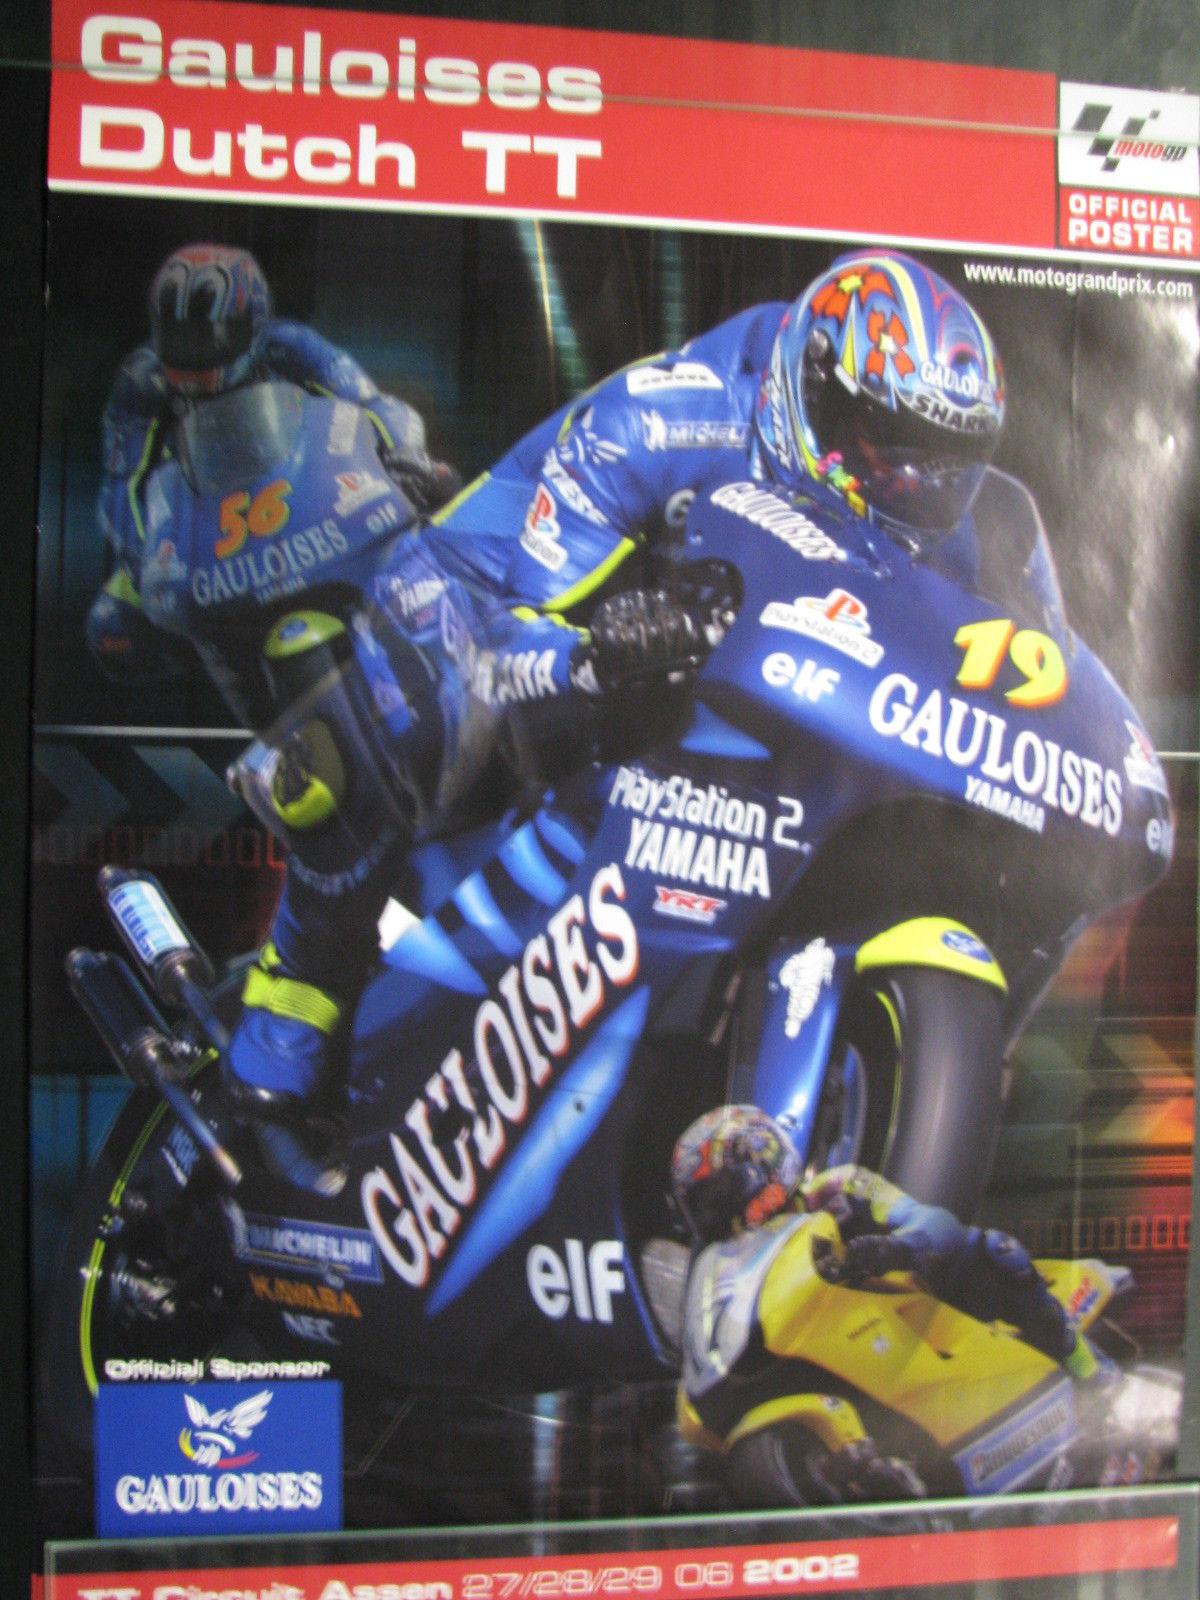 2002 Assen Poster